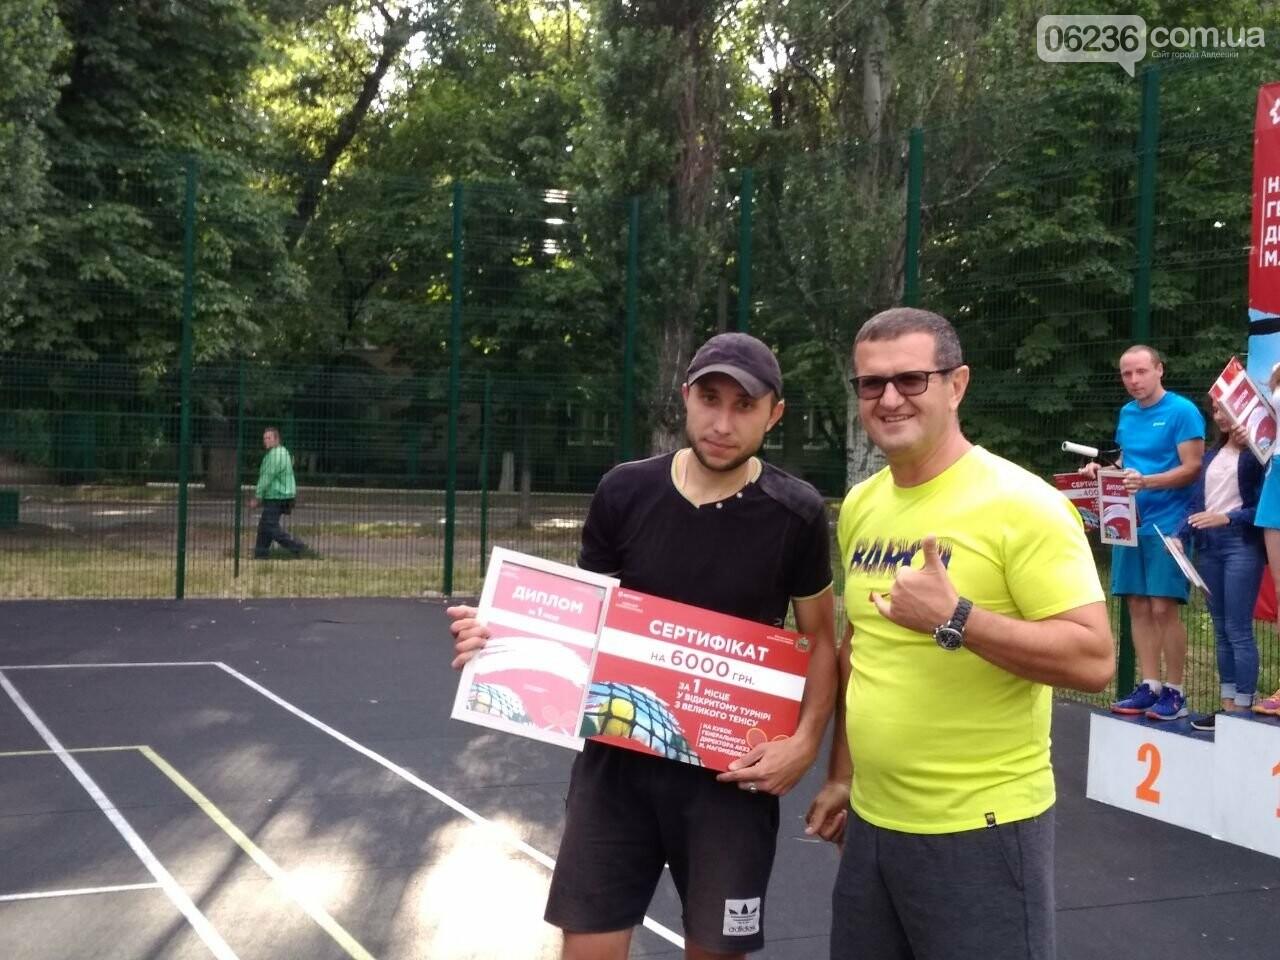 В Авдеевке подвели итоги турнира по большому теннису на Кубок гендиректора АКХЗ Мусы Магомедова (ФОТО), фото-7